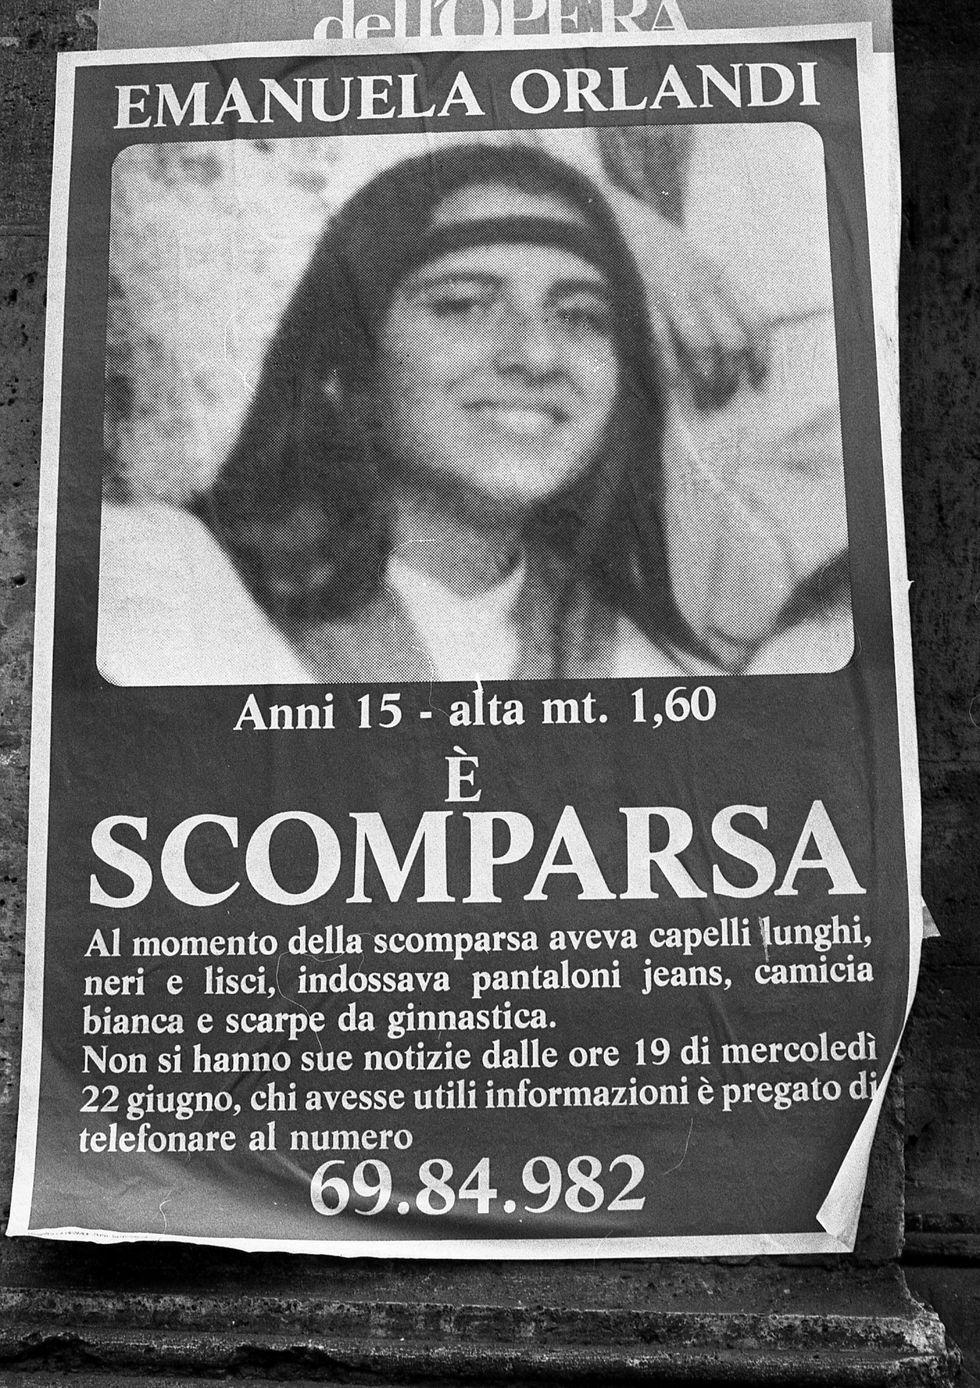 Imagen sin fecha de un cartel en las calles de Roma para solicitar información sobre la adolescente Emanuela Orlandi. (Foto: AP)